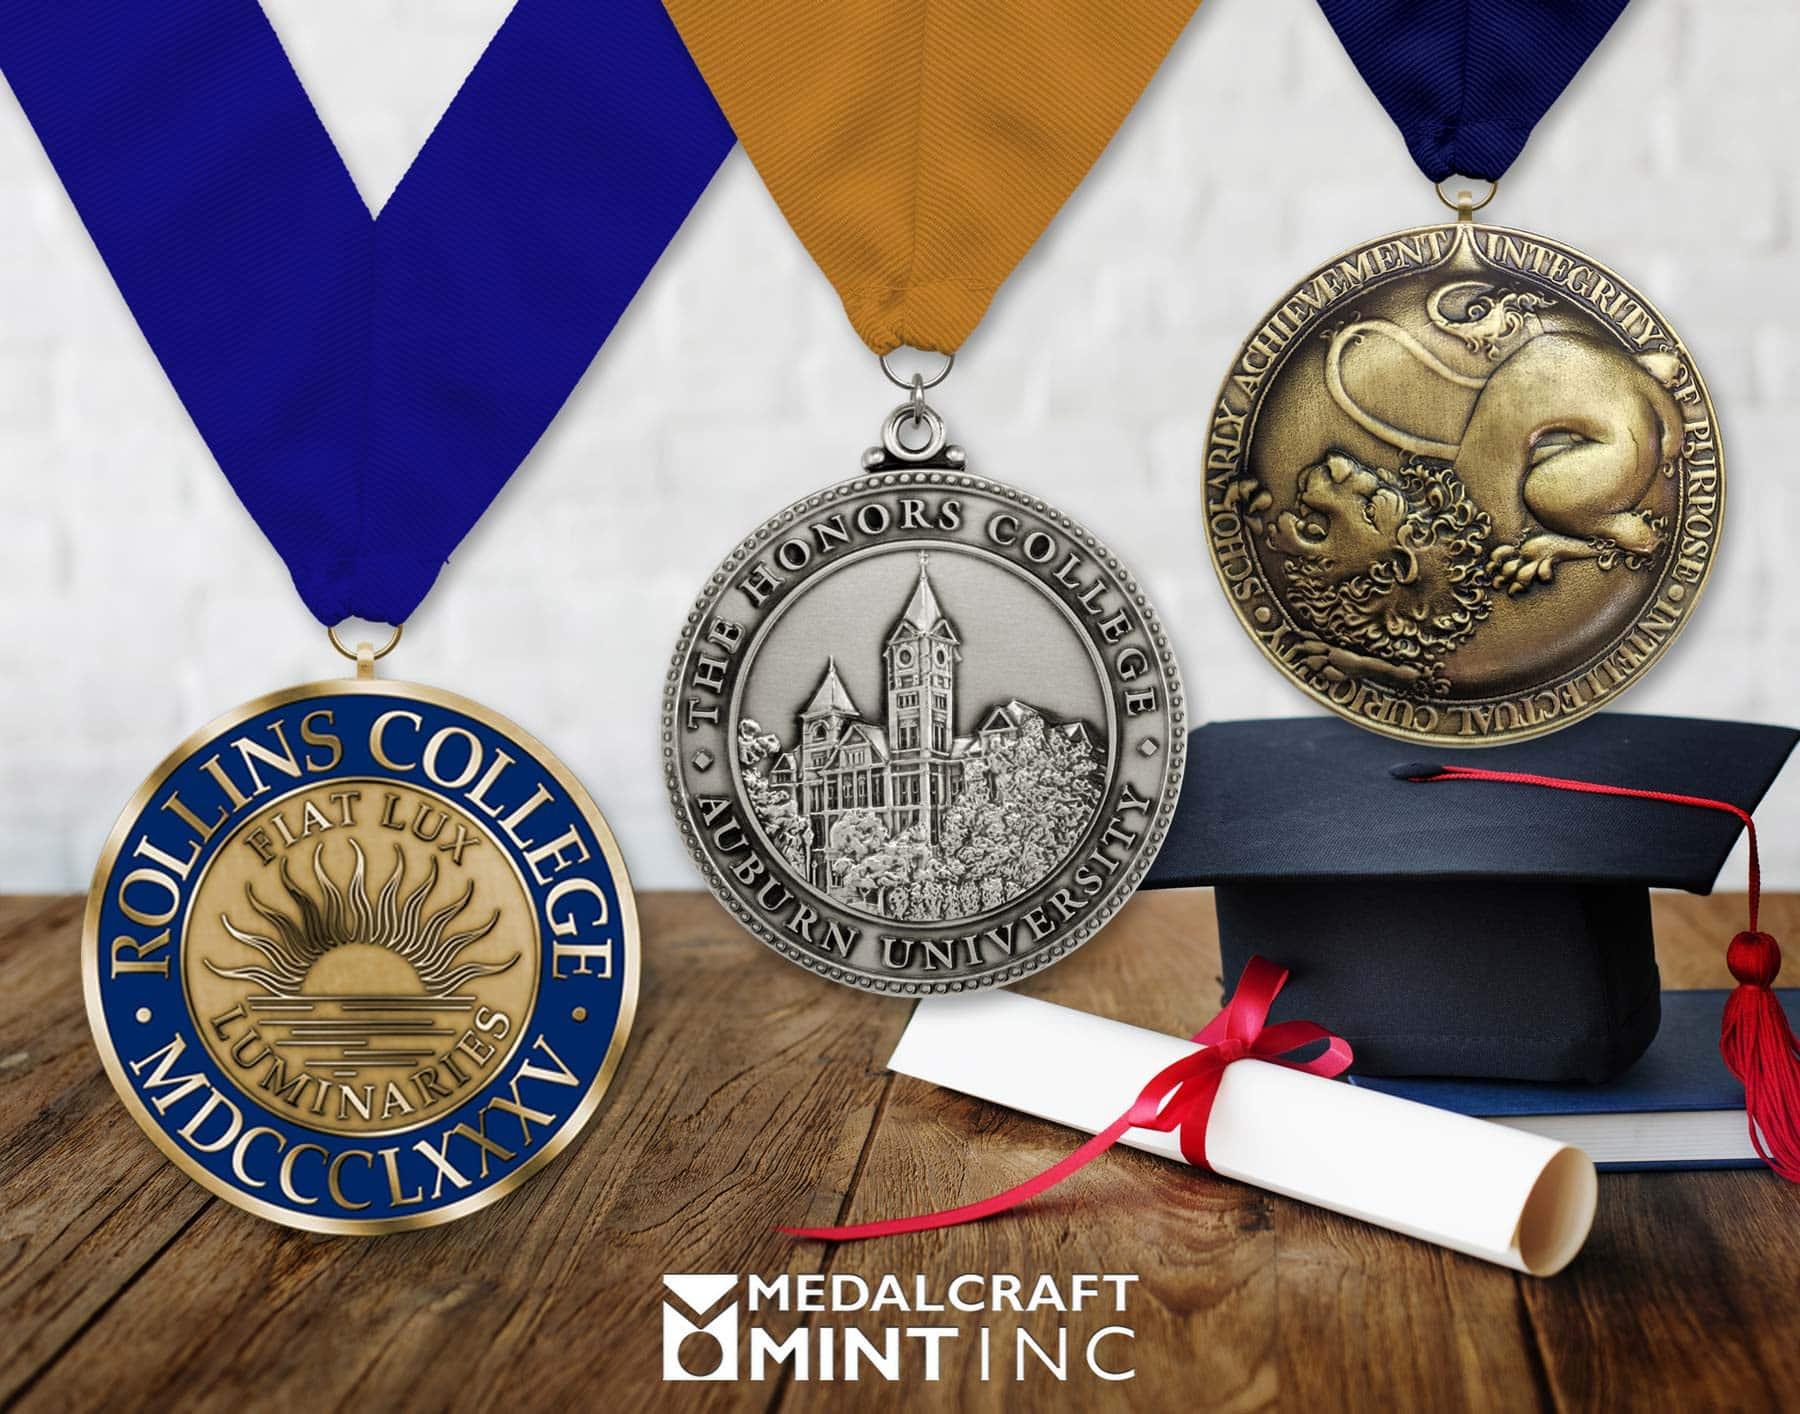 Graduation medals begin the alumni relationship-building process